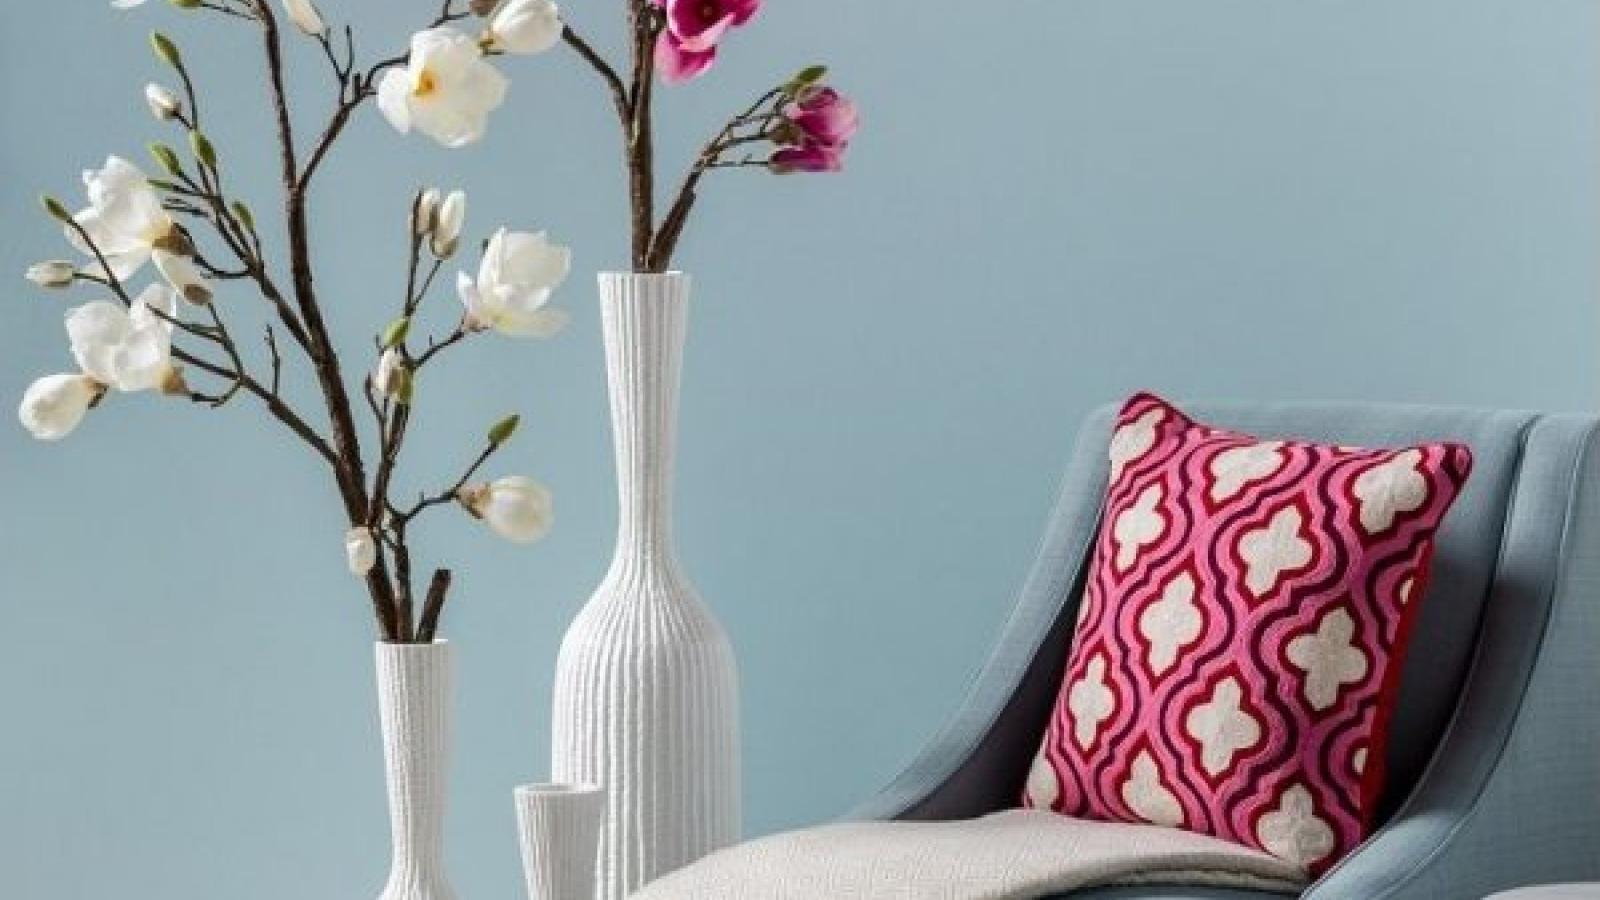 Những mẫu bình hoa trang trí phù hợp với mọi phong cách nội thất